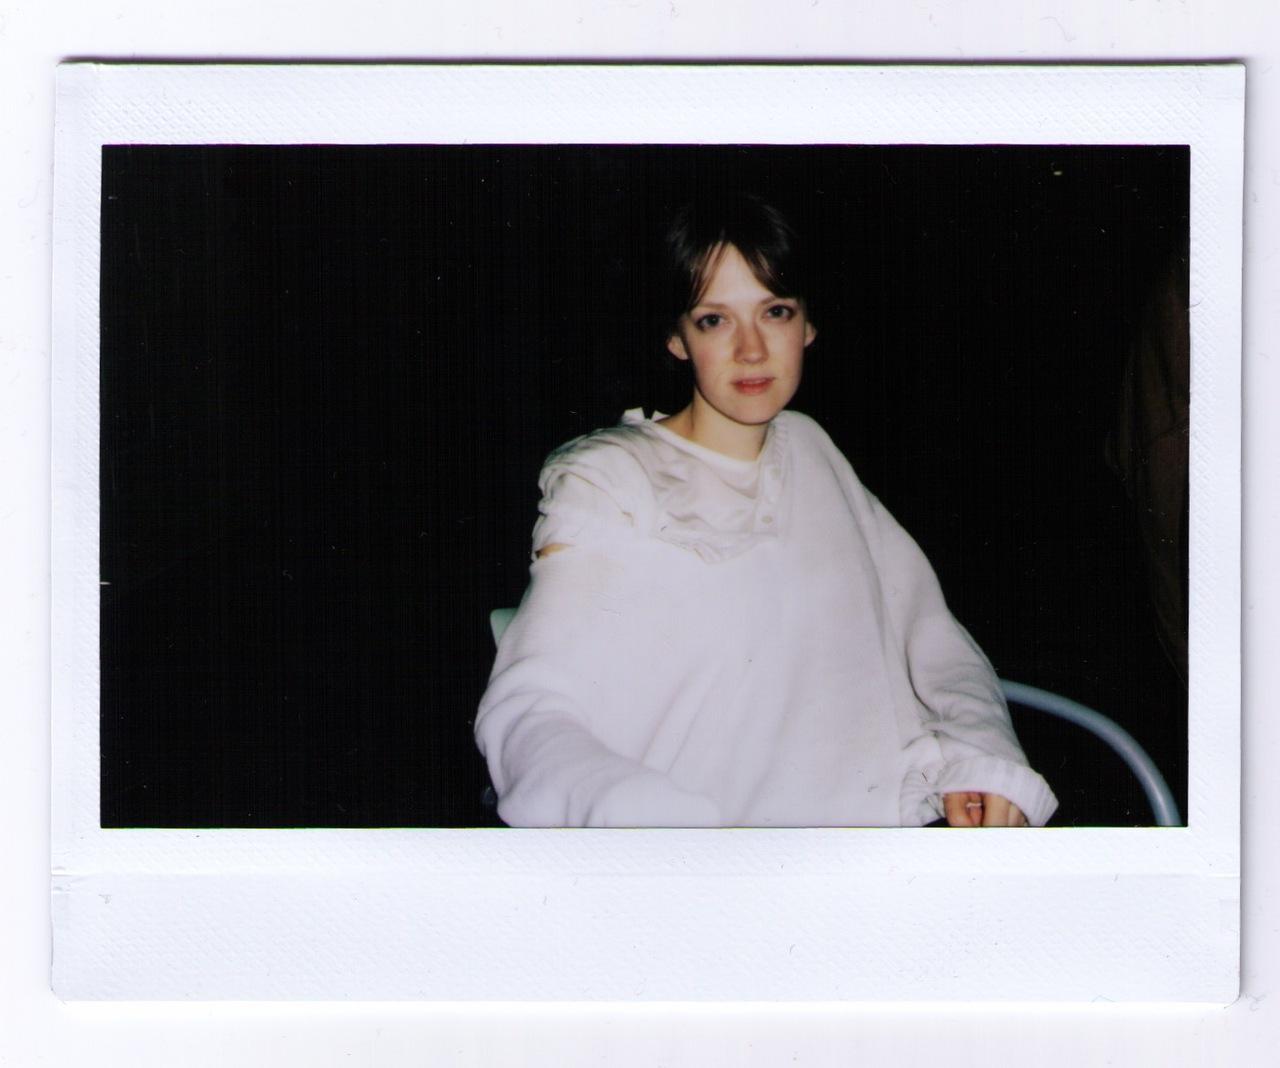 Molly McFadden 7/31/10